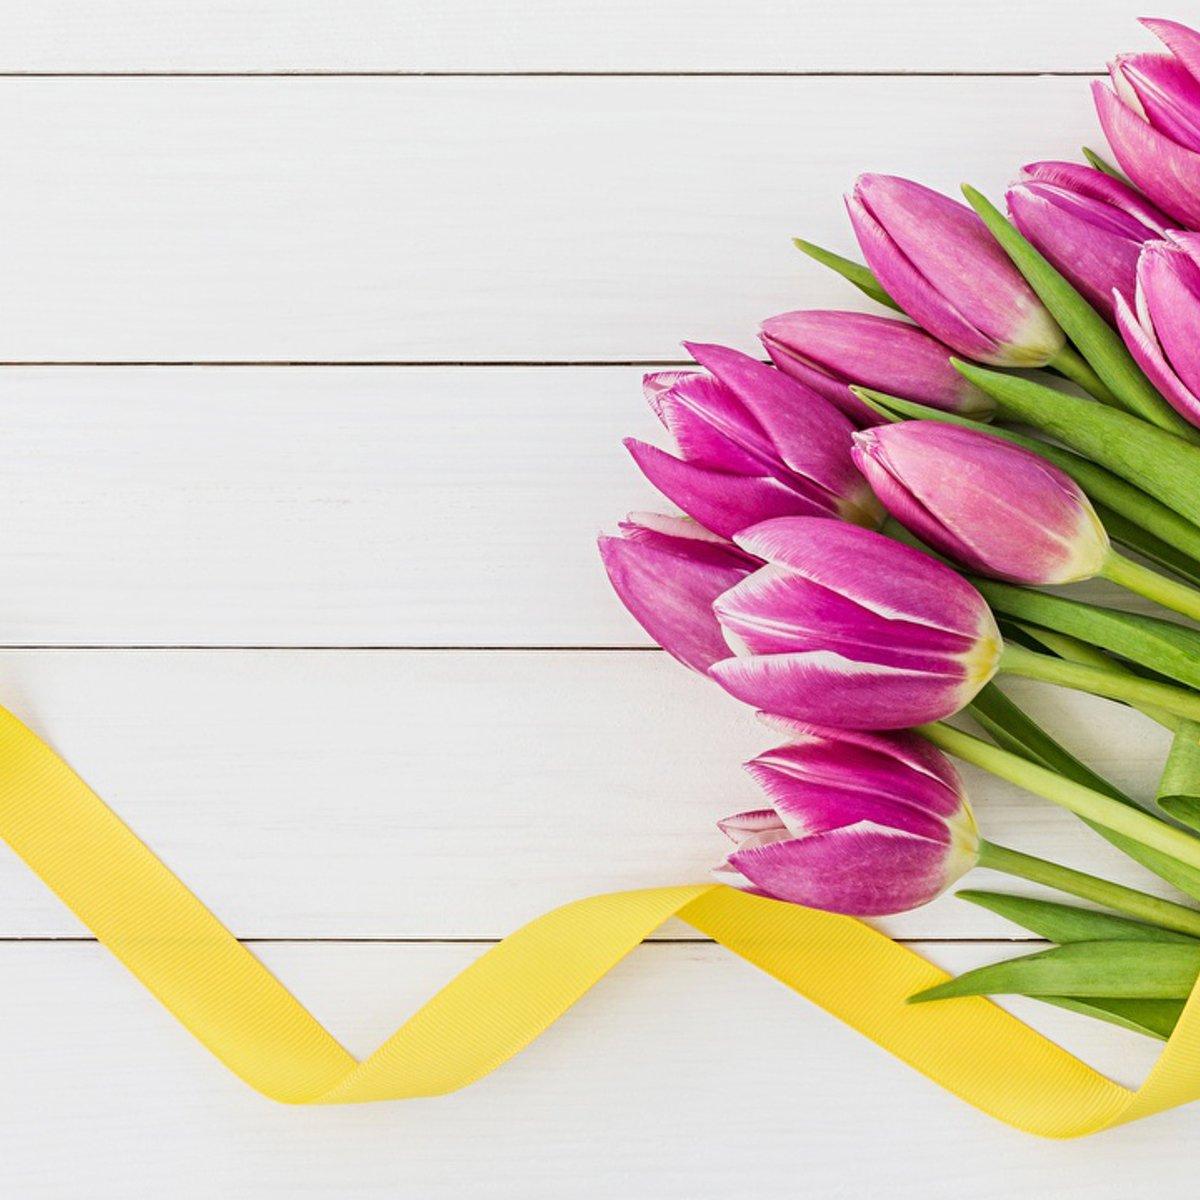 Все самое интересное о международном женском дне — 8 марта (история, факты, традиции, подарки, открытки)